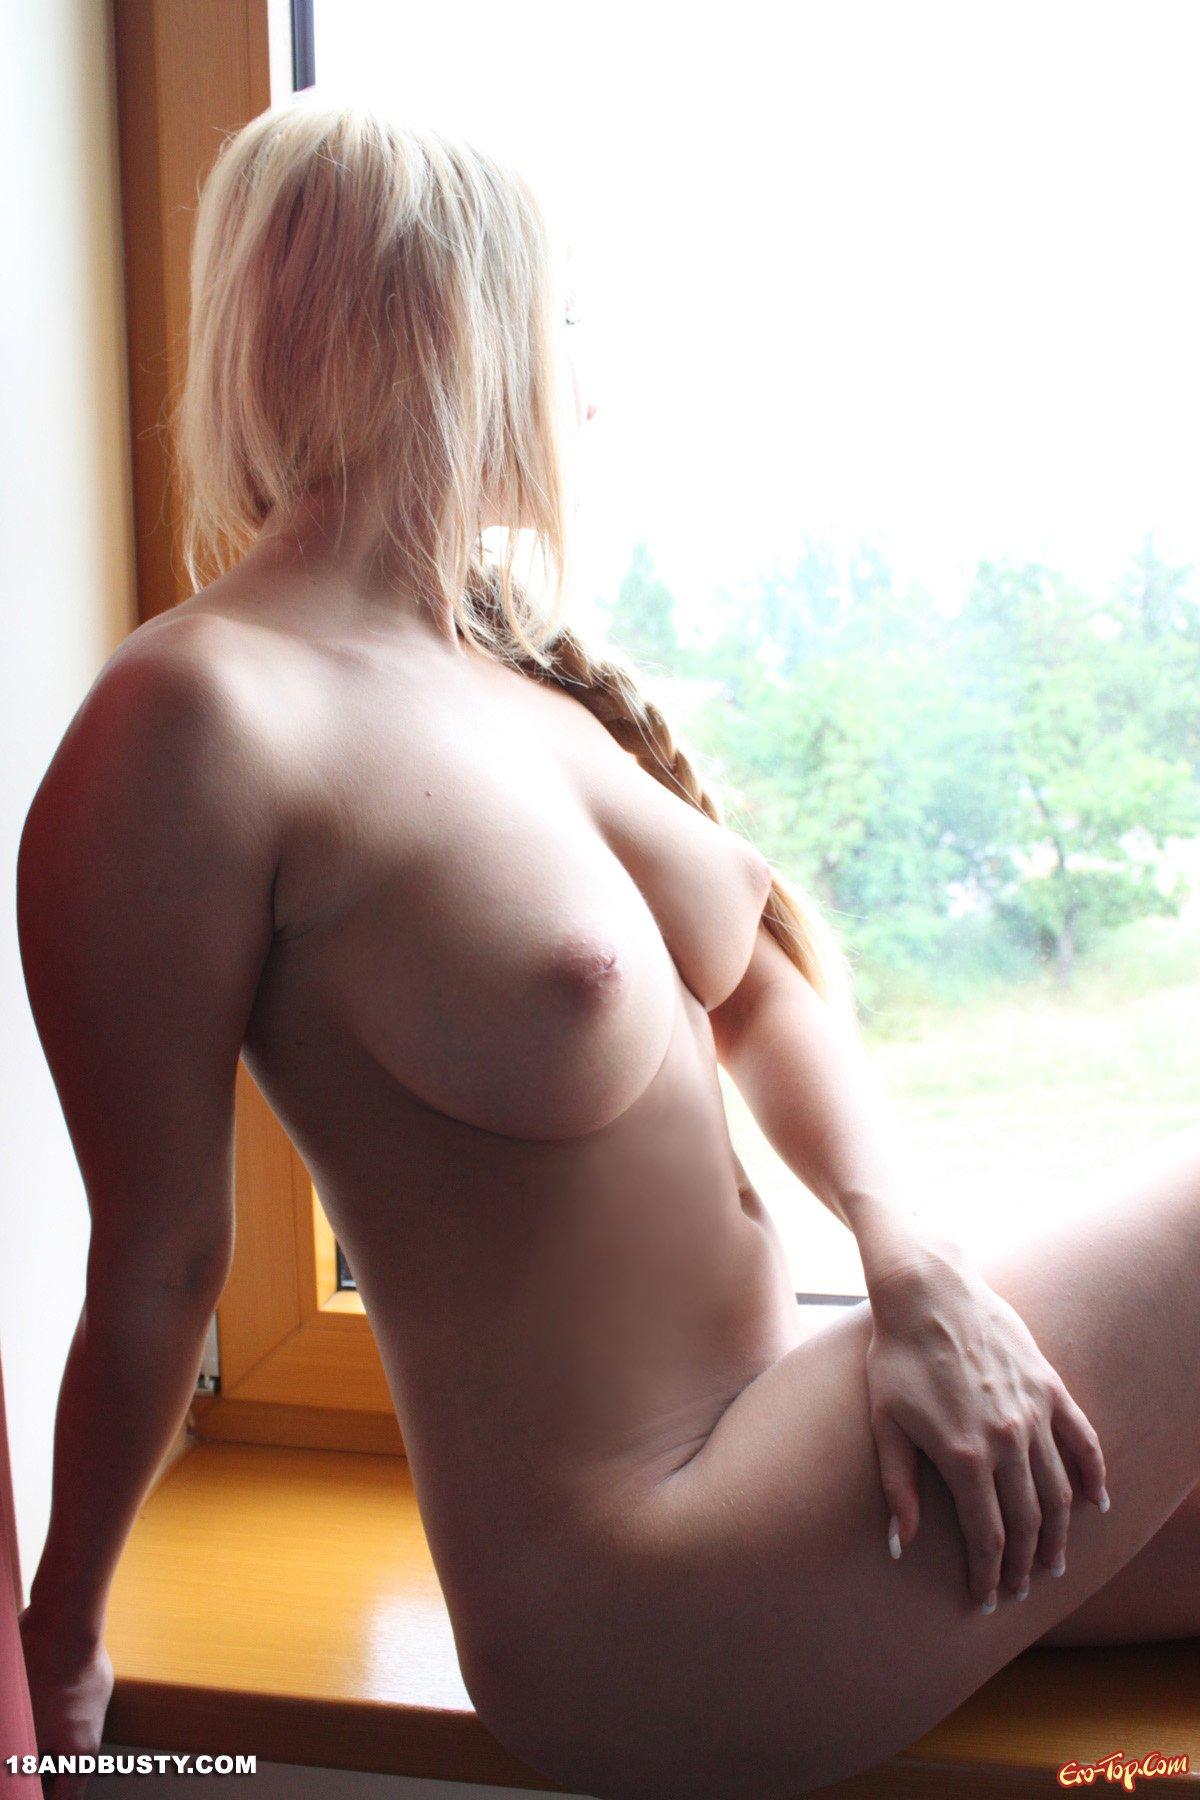 Пышногрудая блондиночка дома секс фото